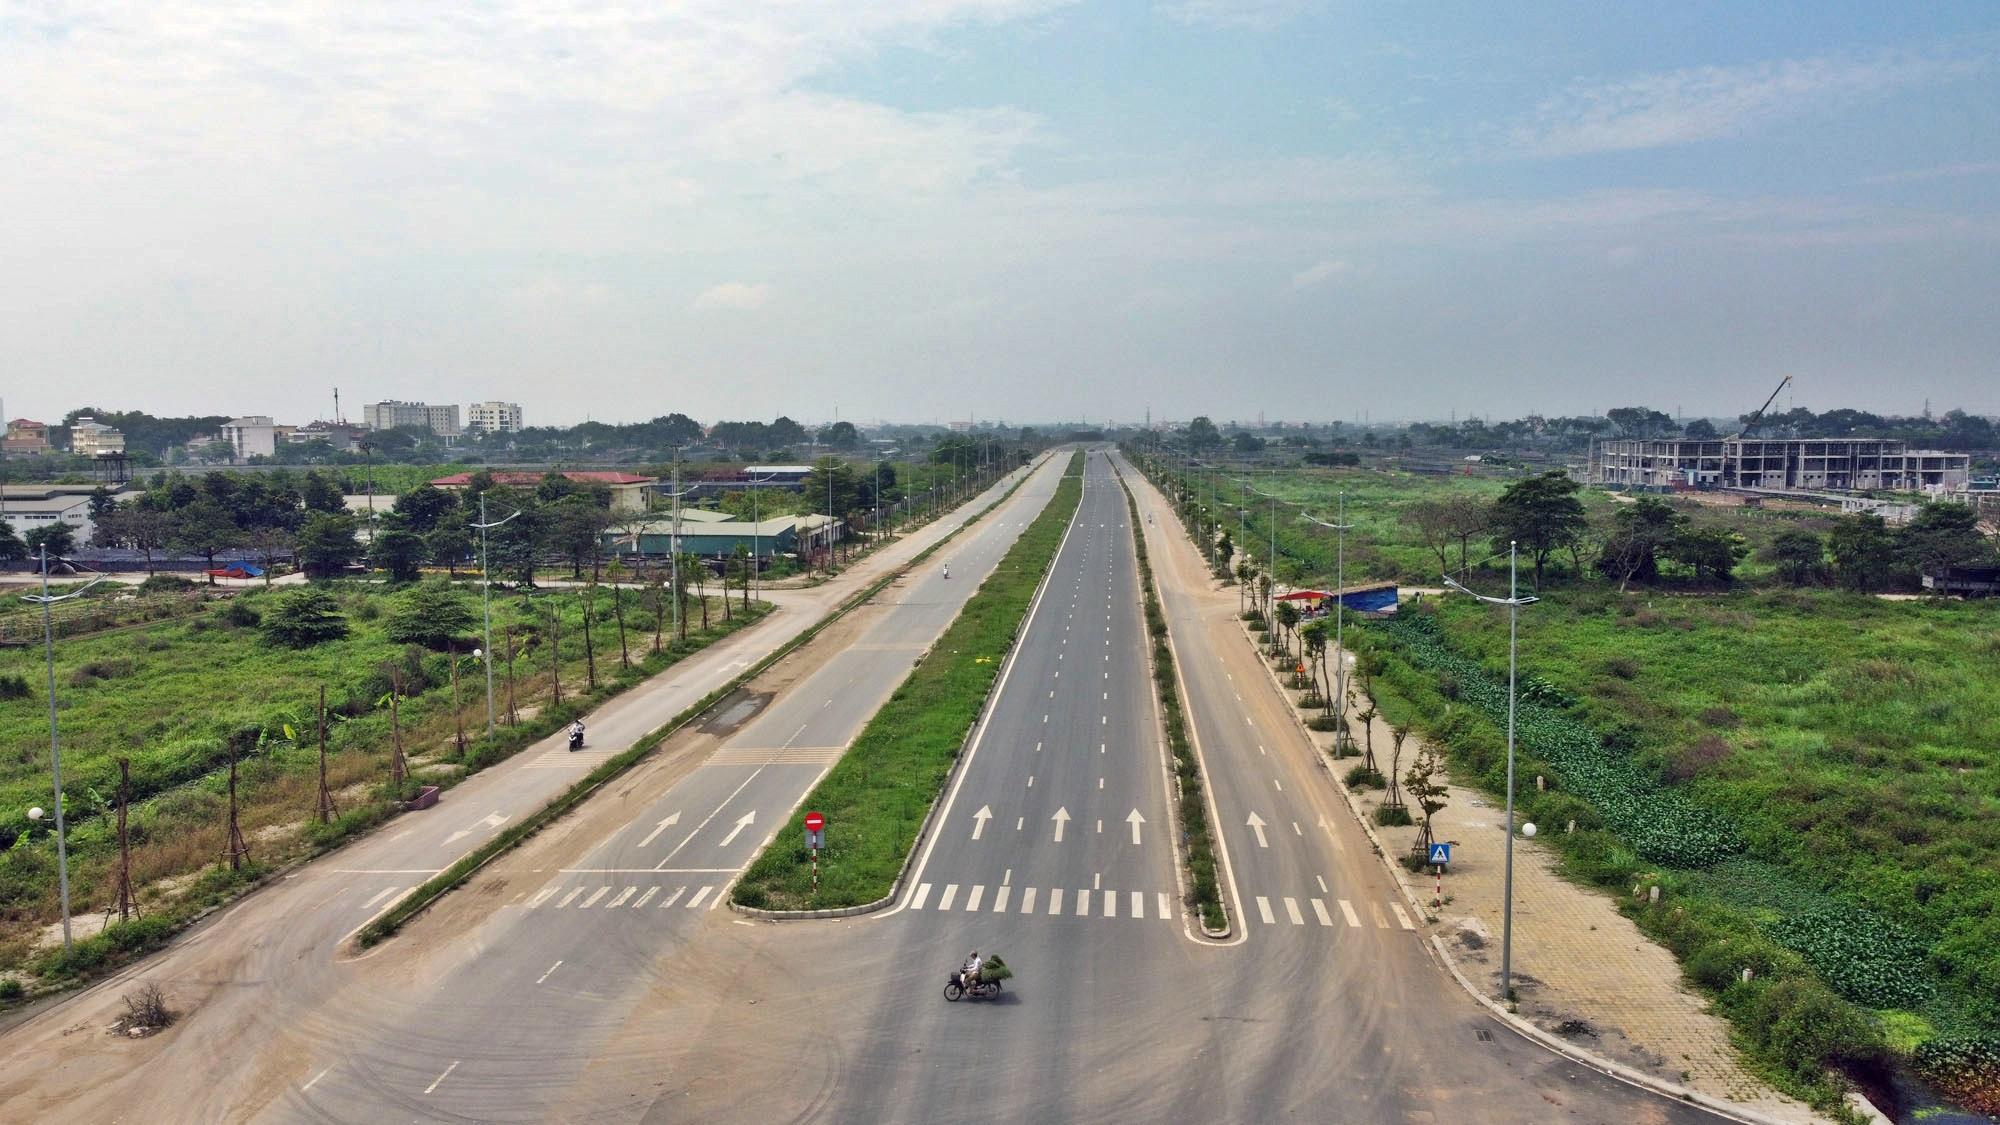 Toàn cảnh đường Tây Thăng Long đang mở theo quy hoạch ở Hà Nội - Ảnh 4.